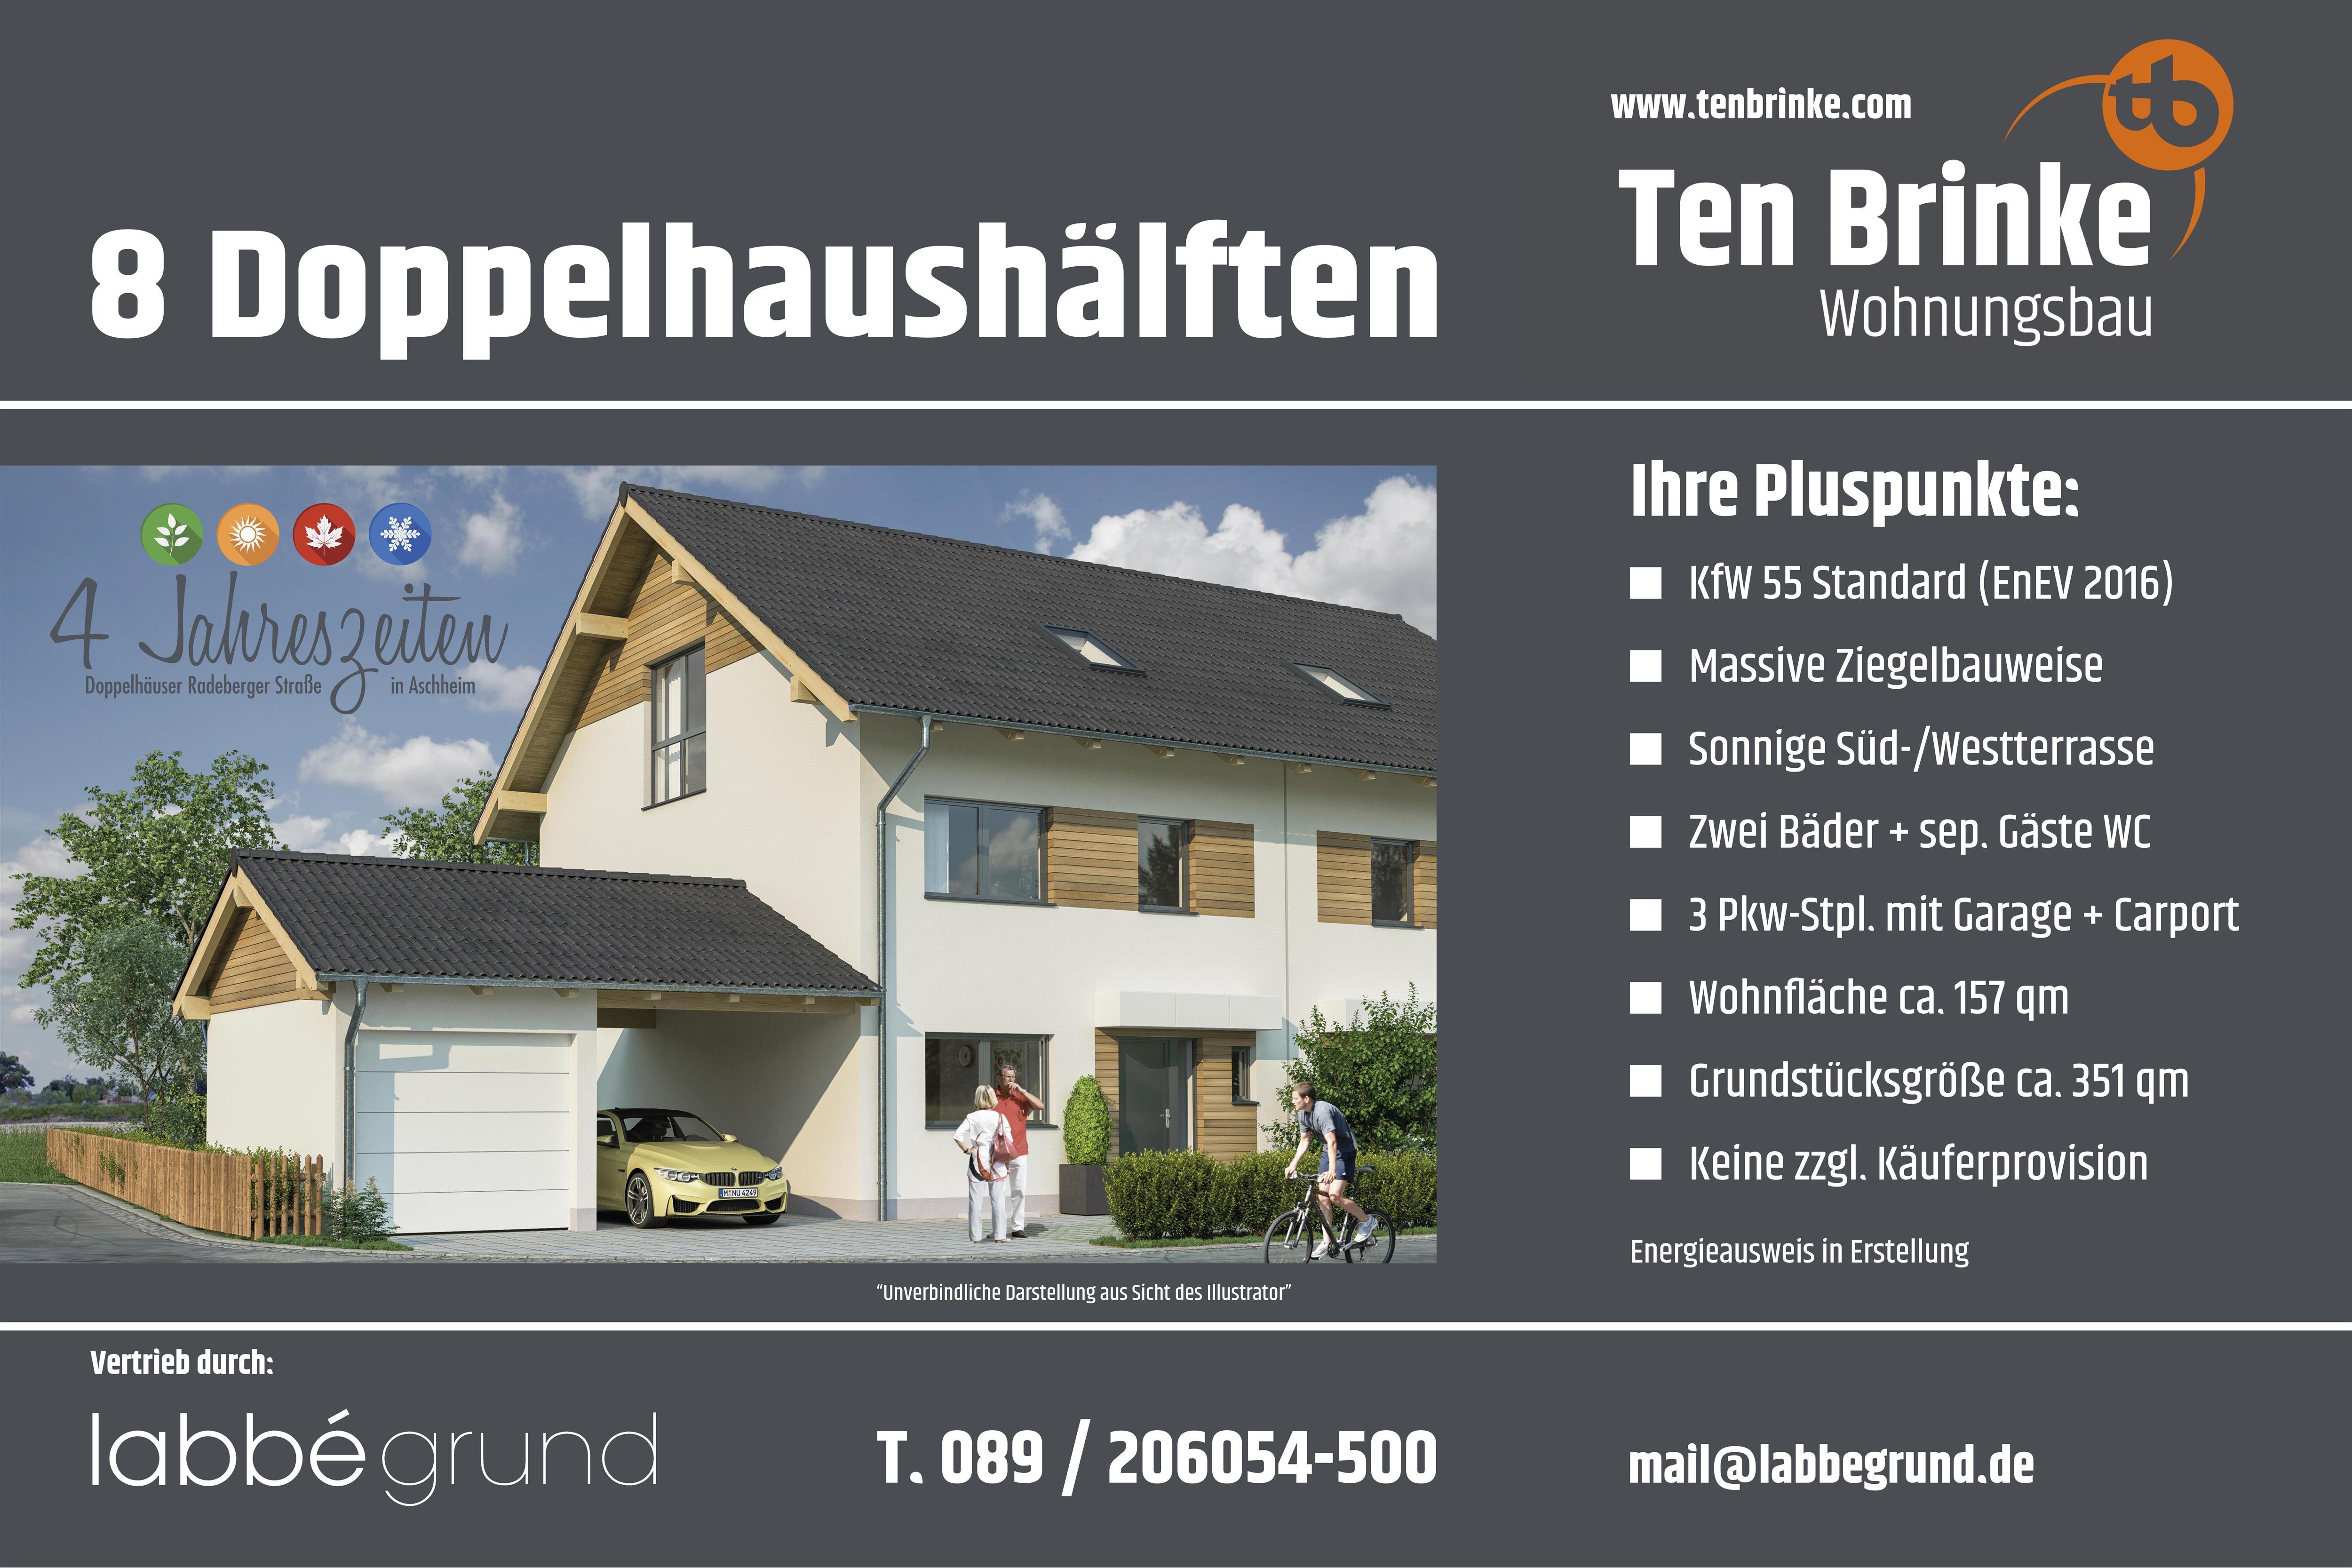 Doppelhaushälften Radeberger Straße Aschheim Ten Brinke Gruppe